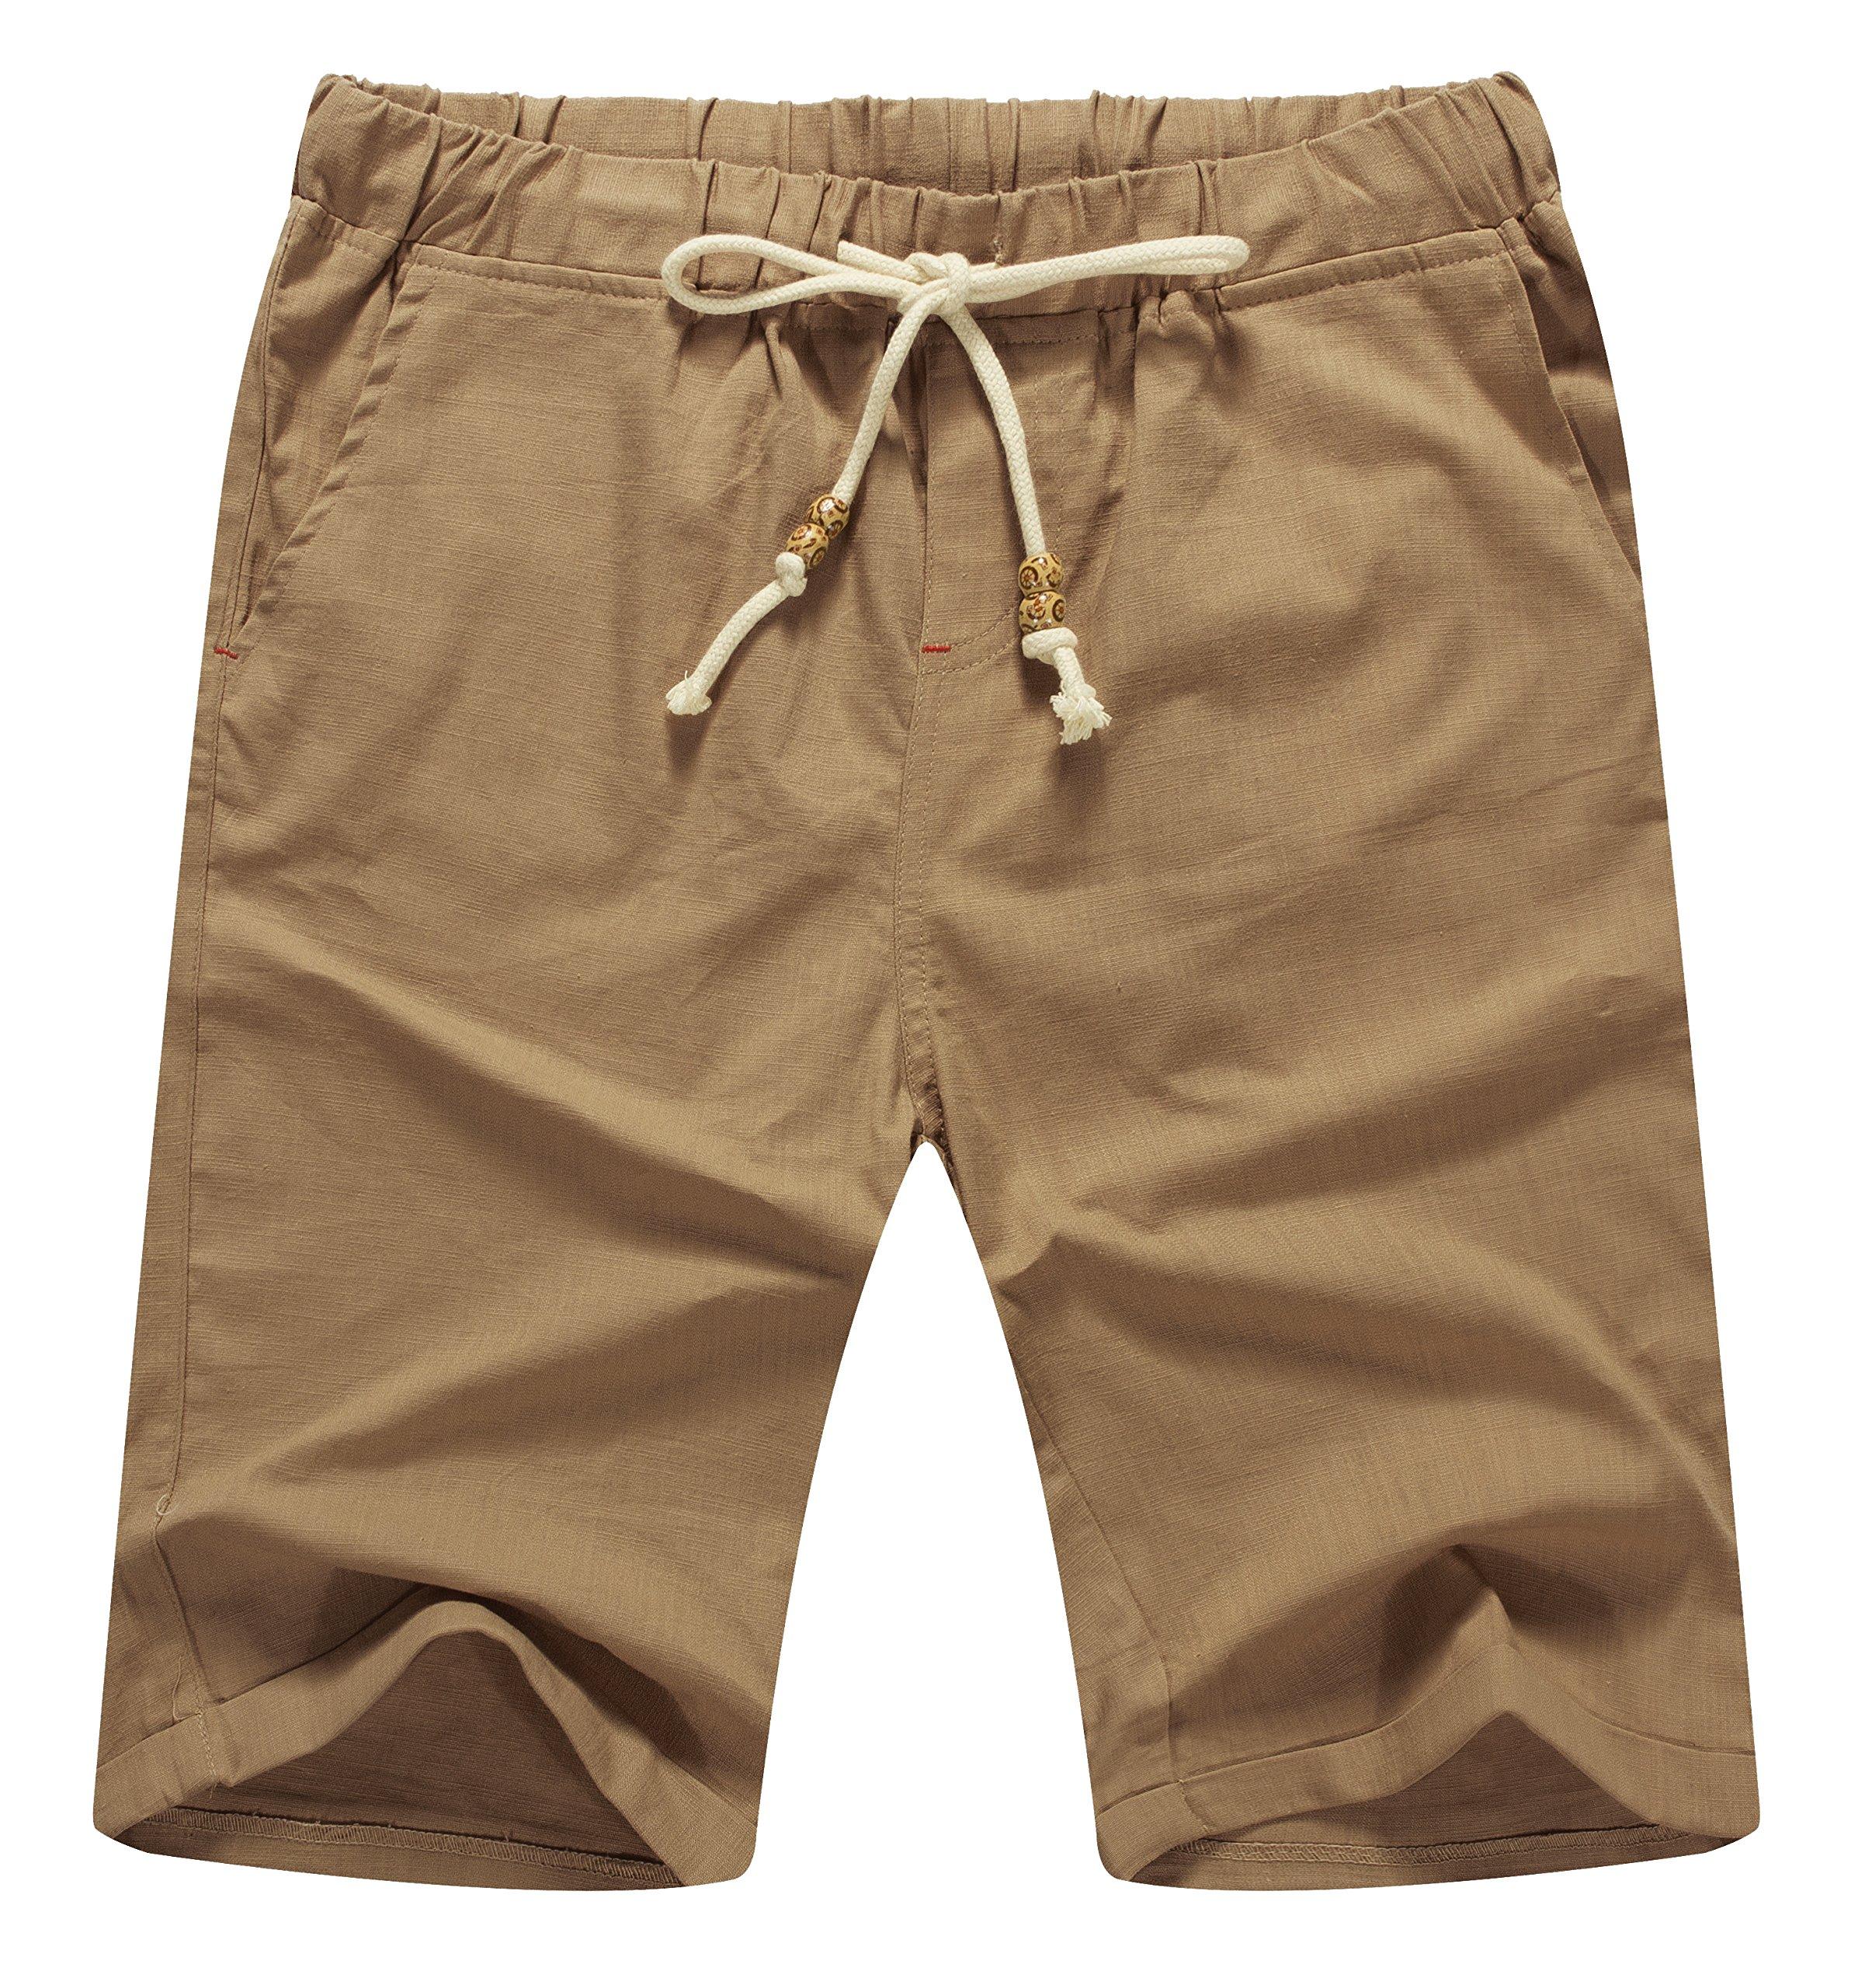 Mr.Zhang Men's Linen Casual Classic Fit Short Summer Beach Shorts Dark Khaki-US 2XL